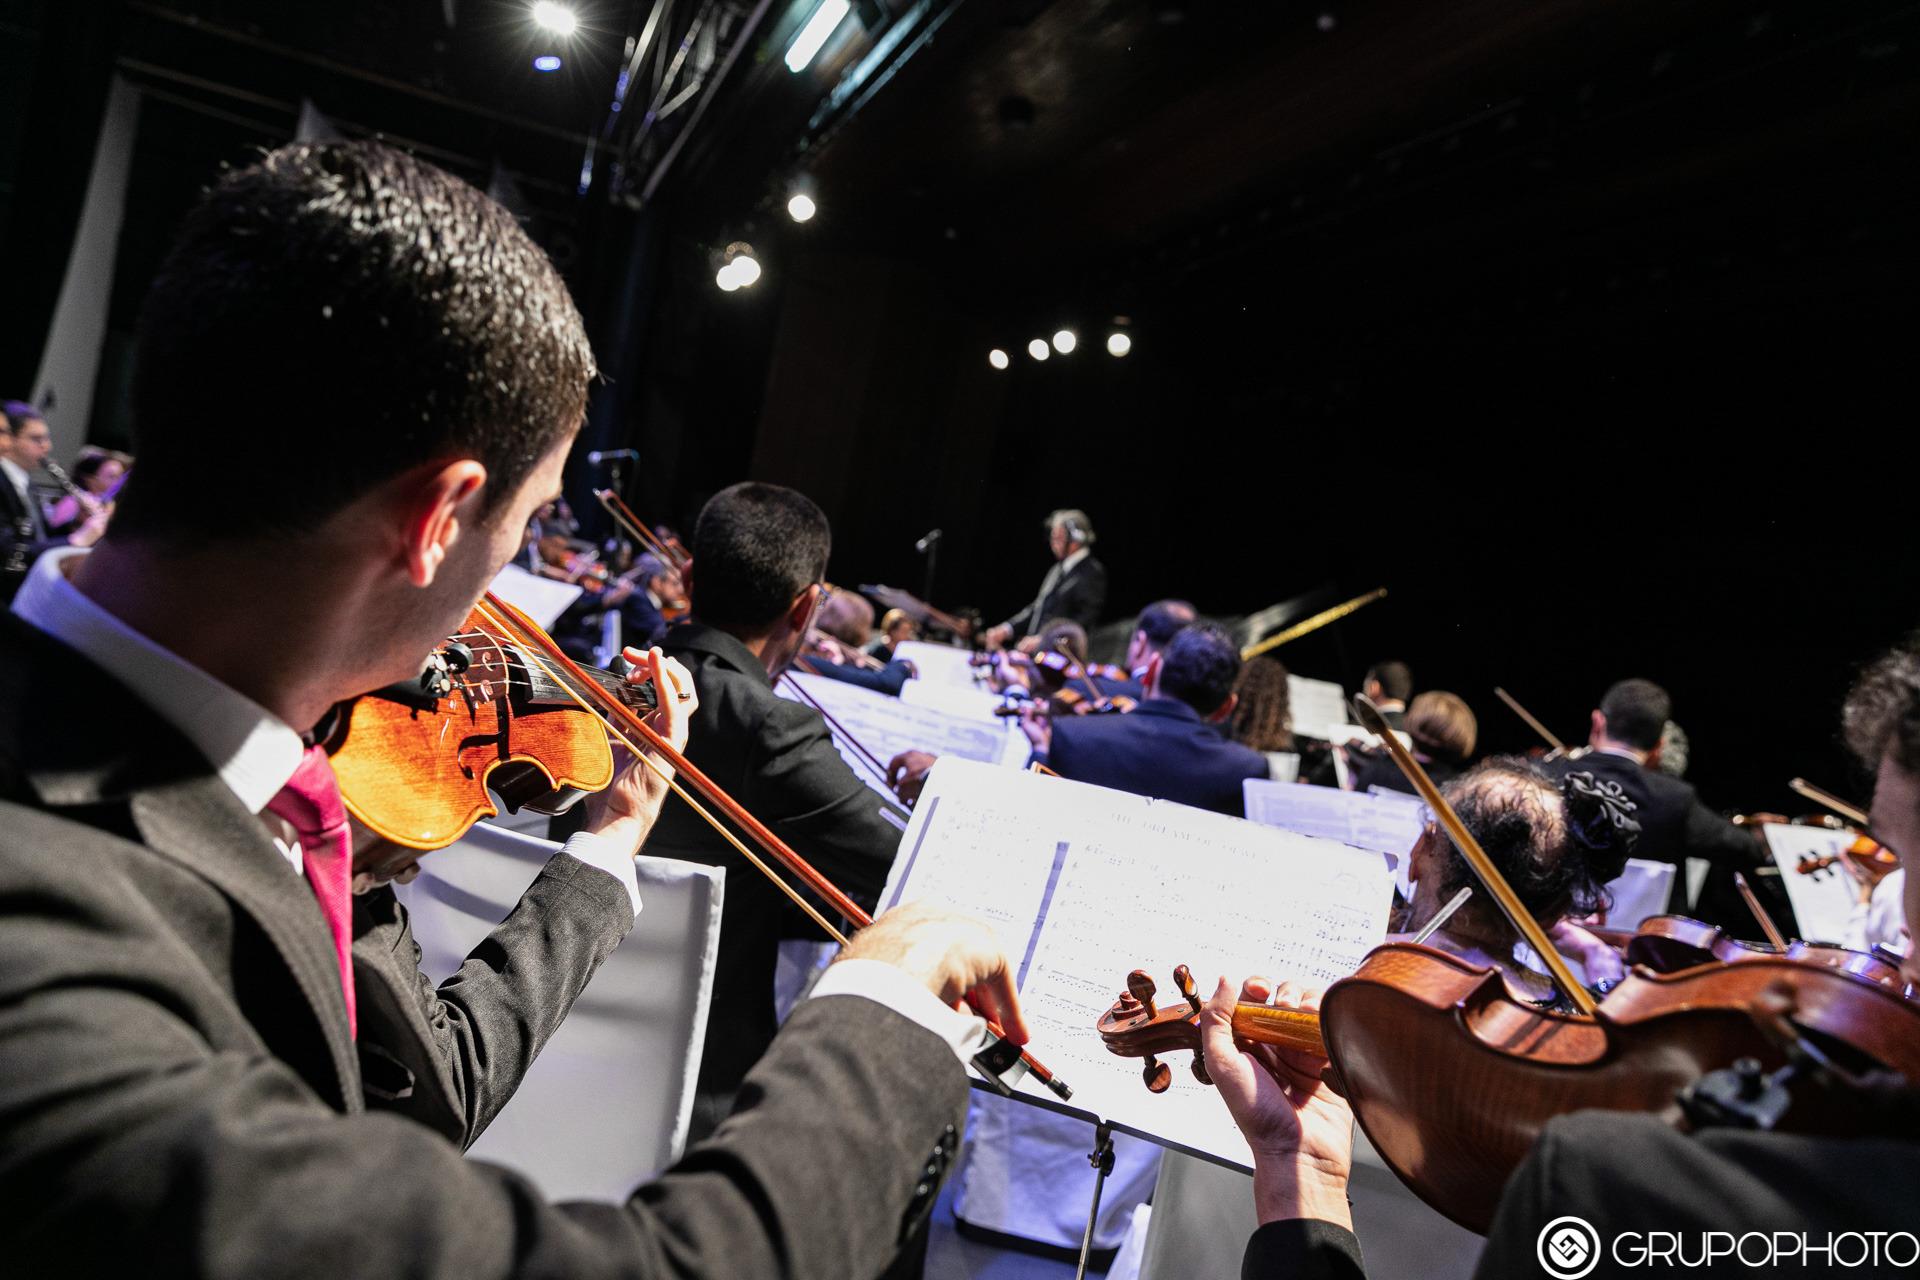 fotógrafo de shows sp, fotógrafo para orquestra em sp, fotógrafo profissional sp